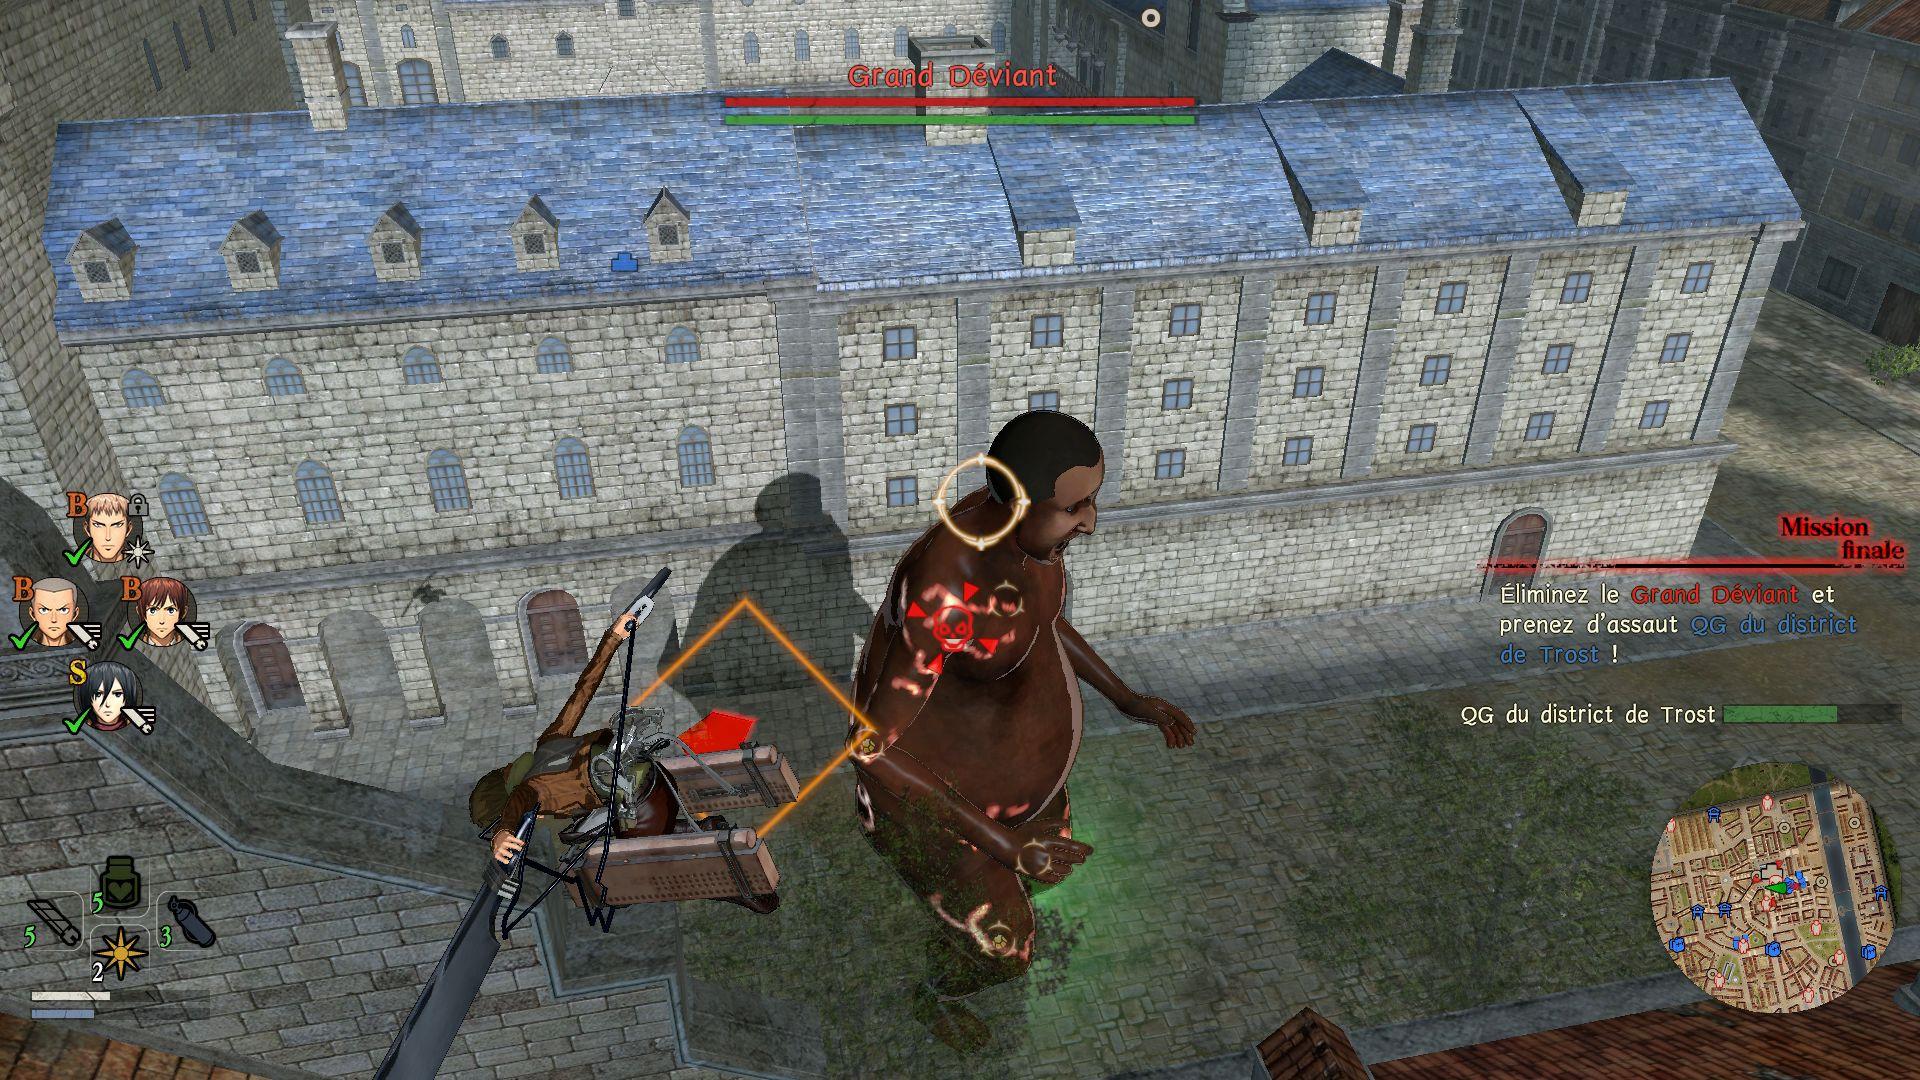 http://image.jeuxvideo.com/medias/152121/1521207943-9529-capture-d-ecran.jpg